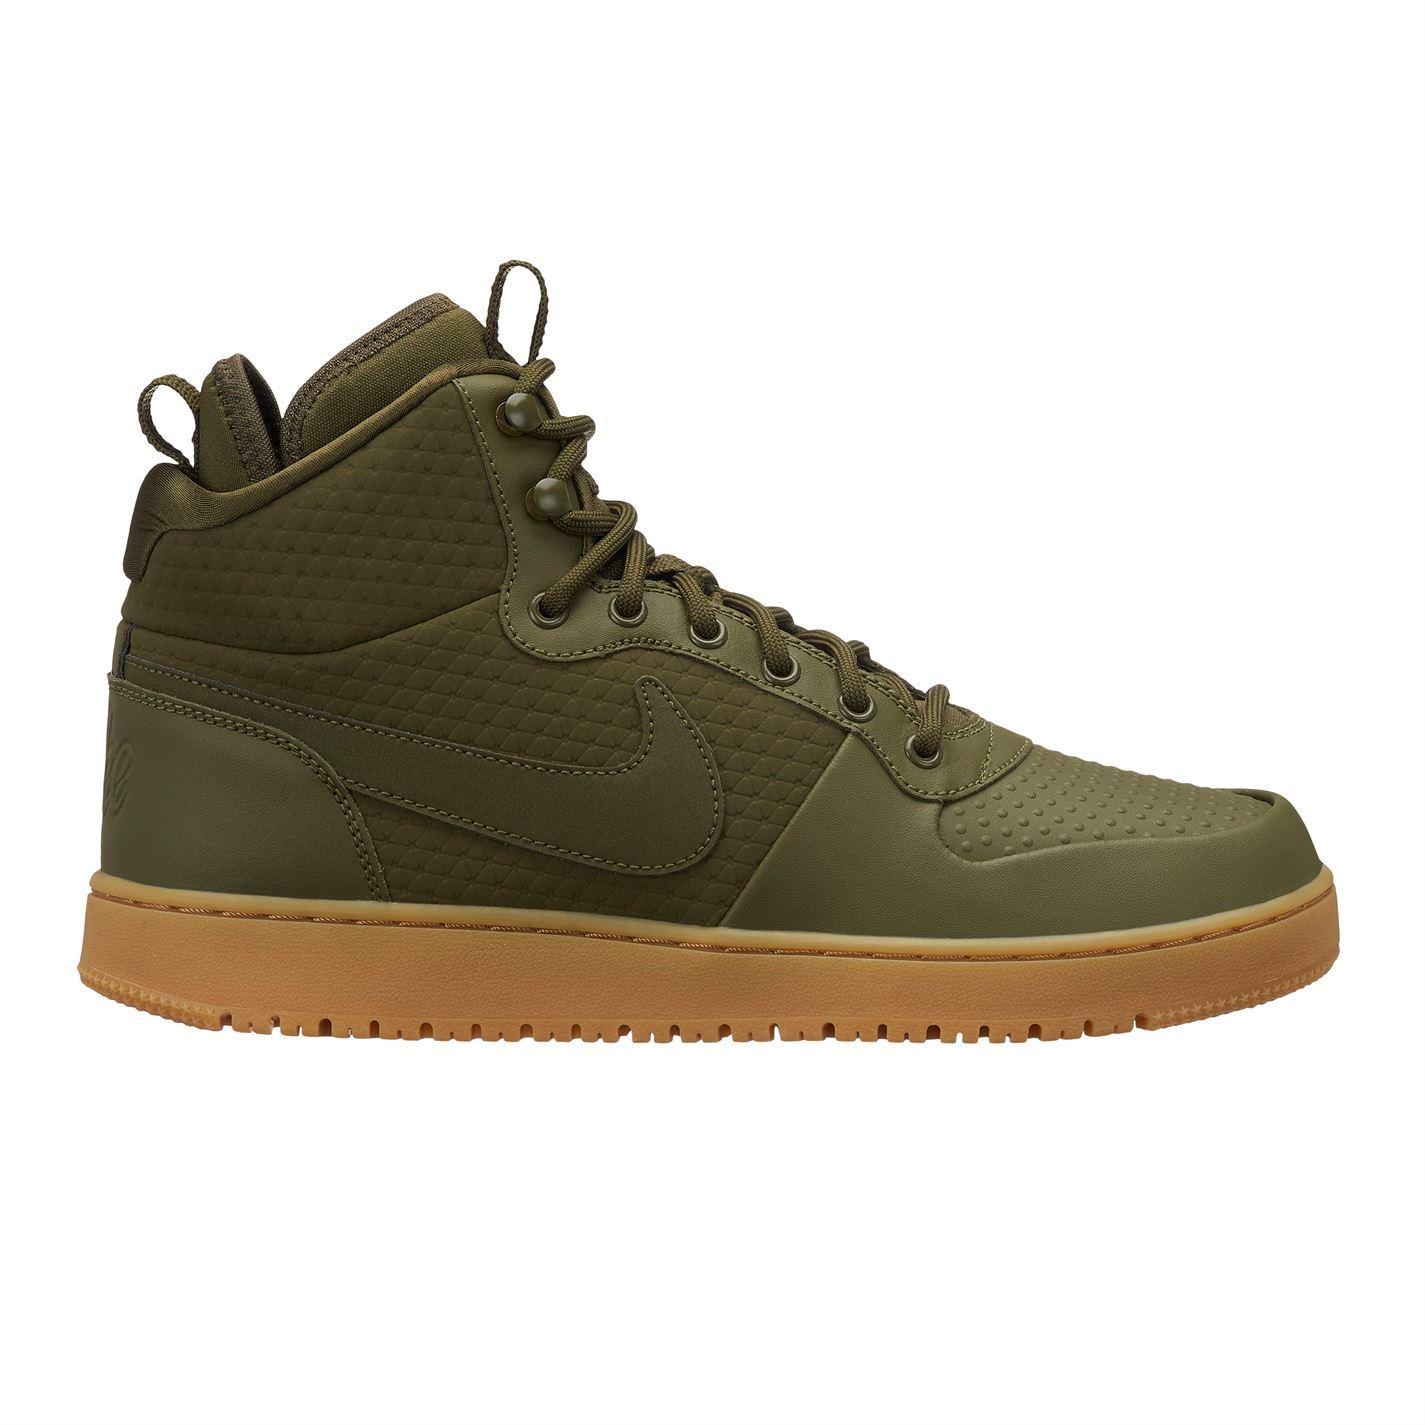 Winter Schuhe Nike Turnschuhe Details Schuhe Sneaker Mittelhoch Herren Ebernon zu Freizeit fgb6y7